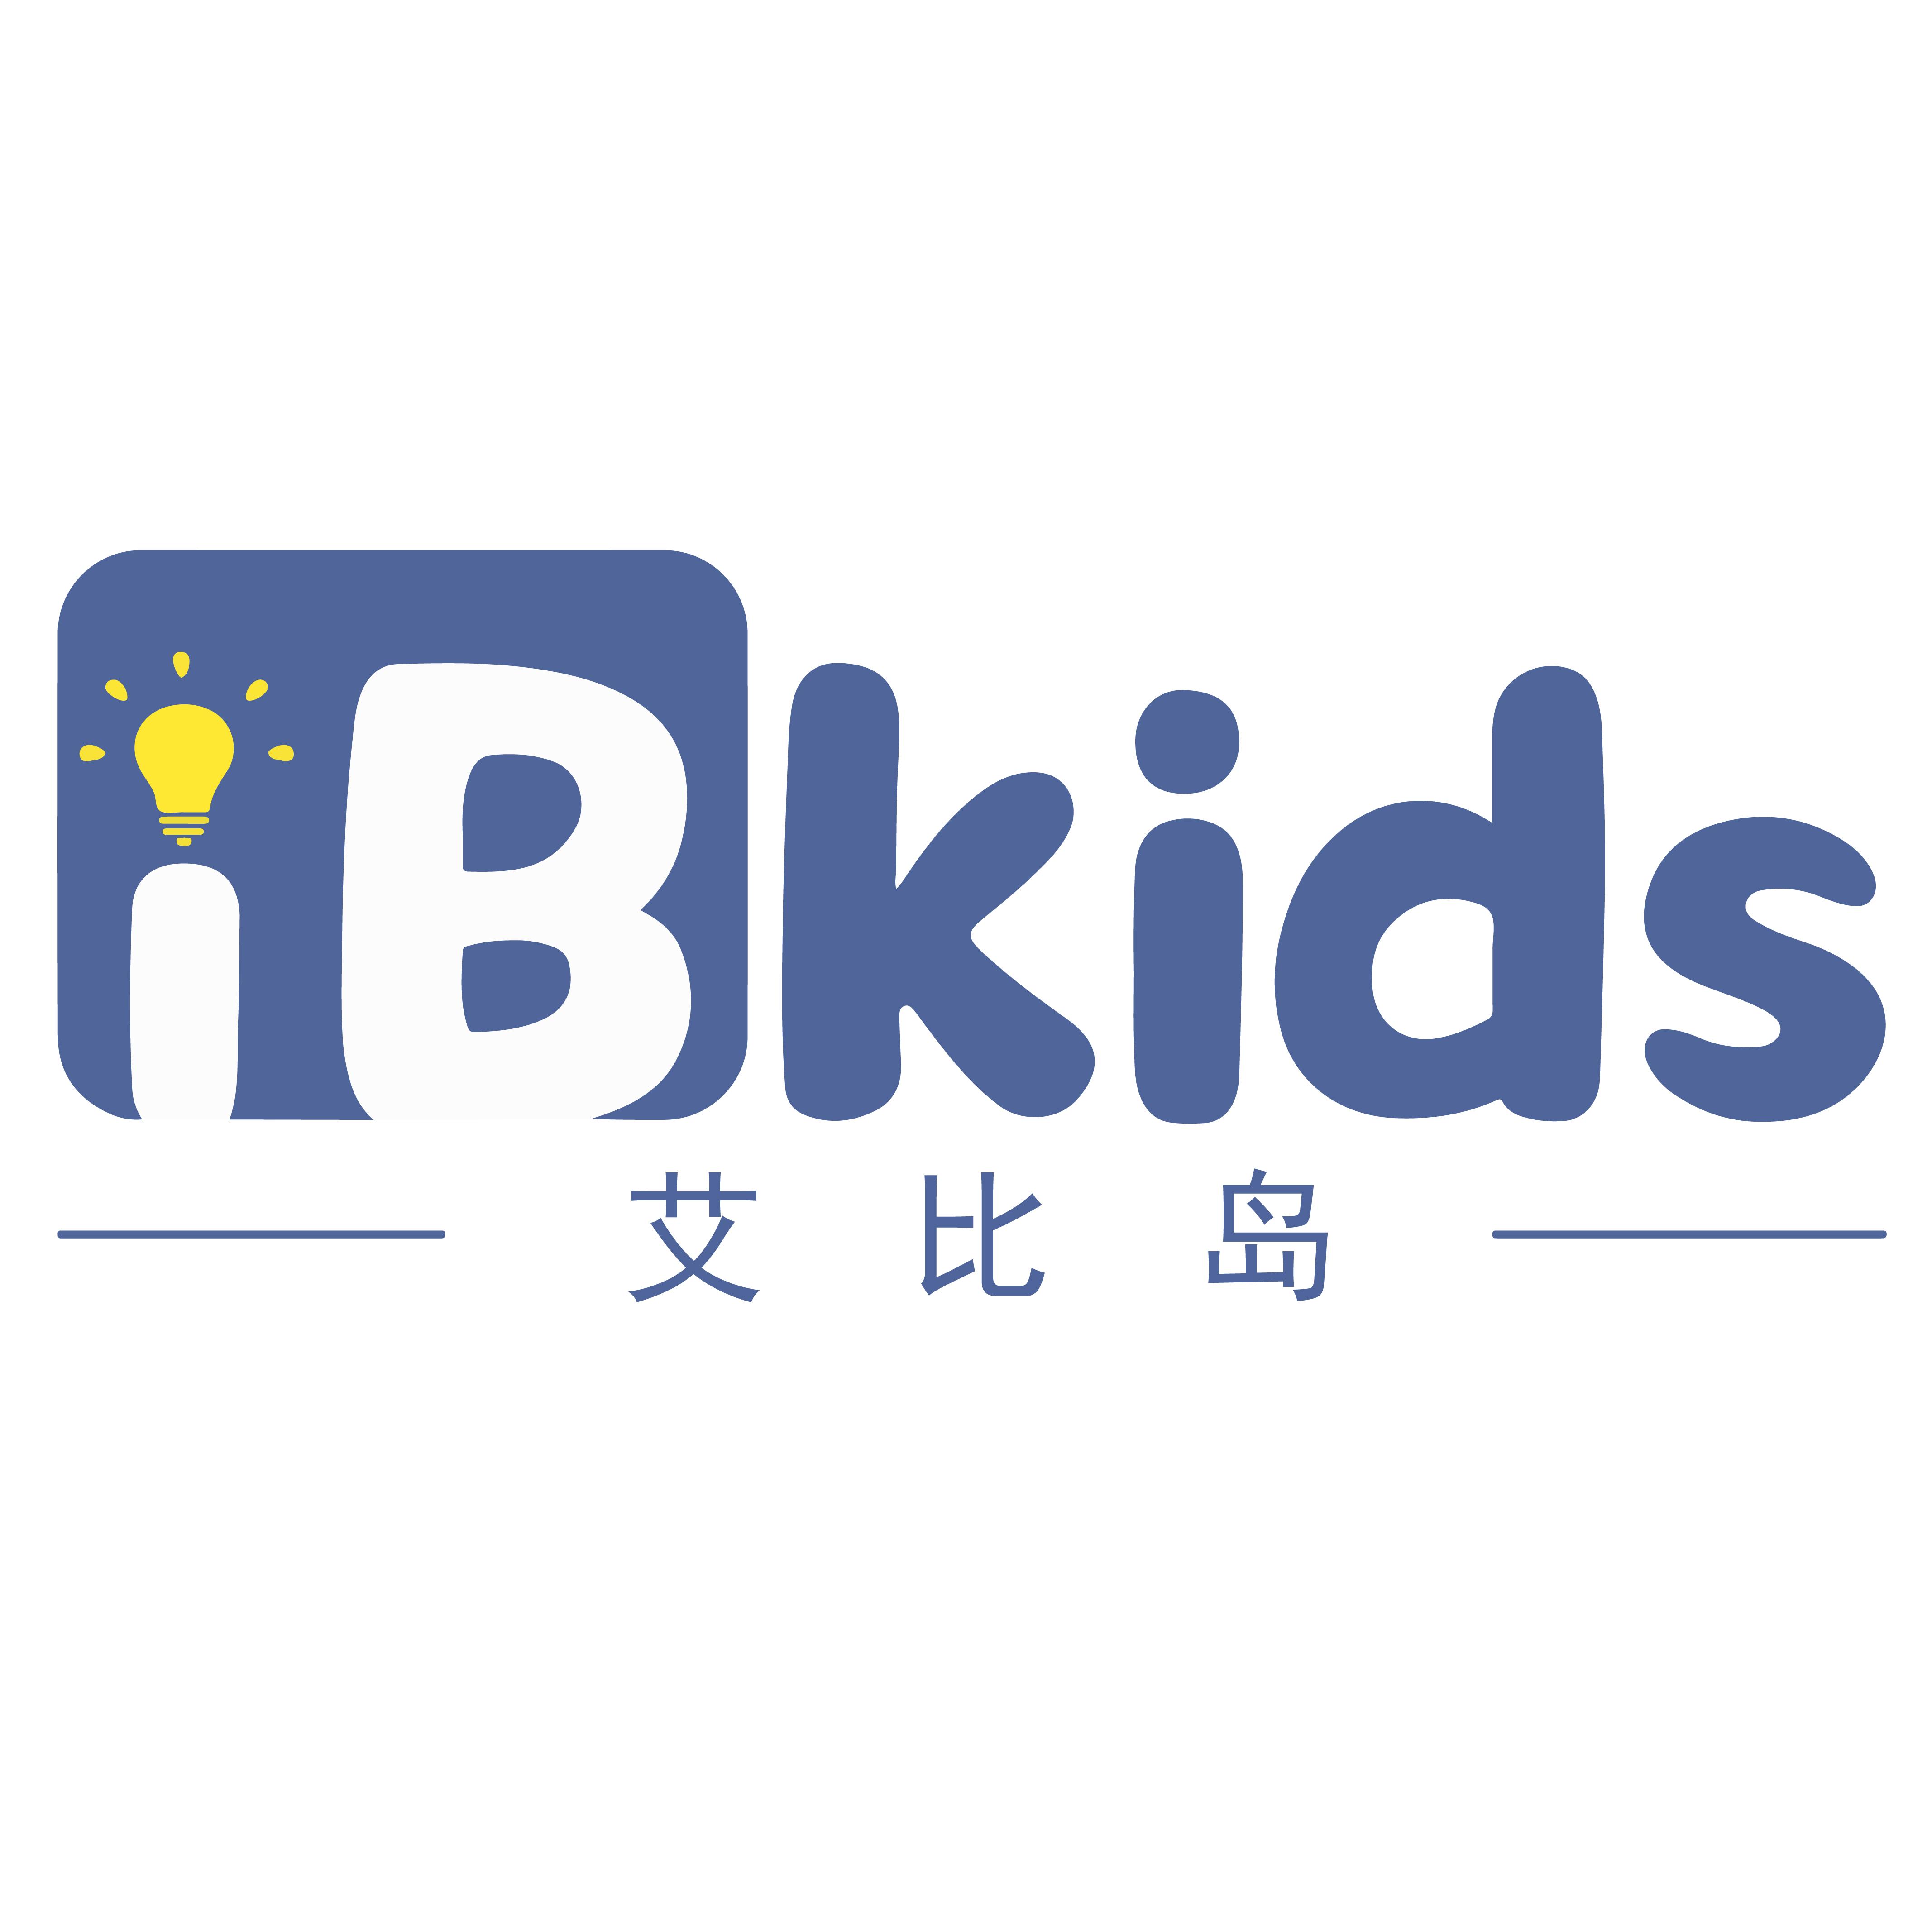 艾比岛国际儿童教育